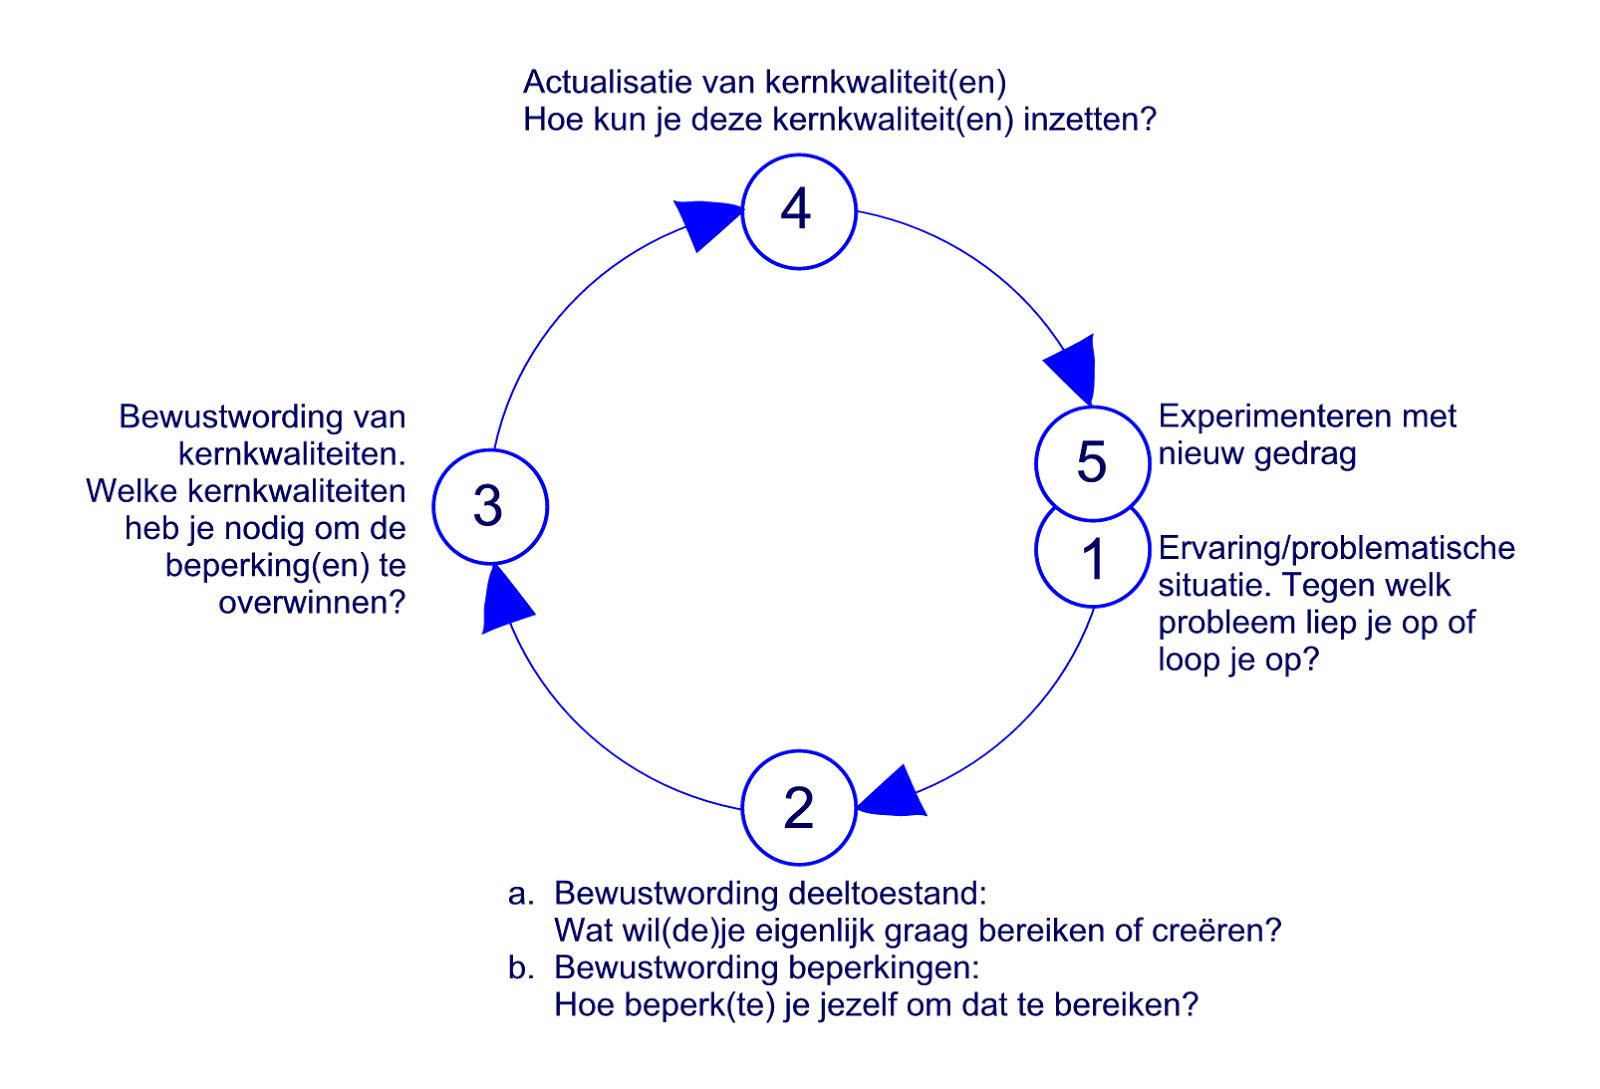 Rob Segers: Het spiraalmodel voor reflectie van Korthagen